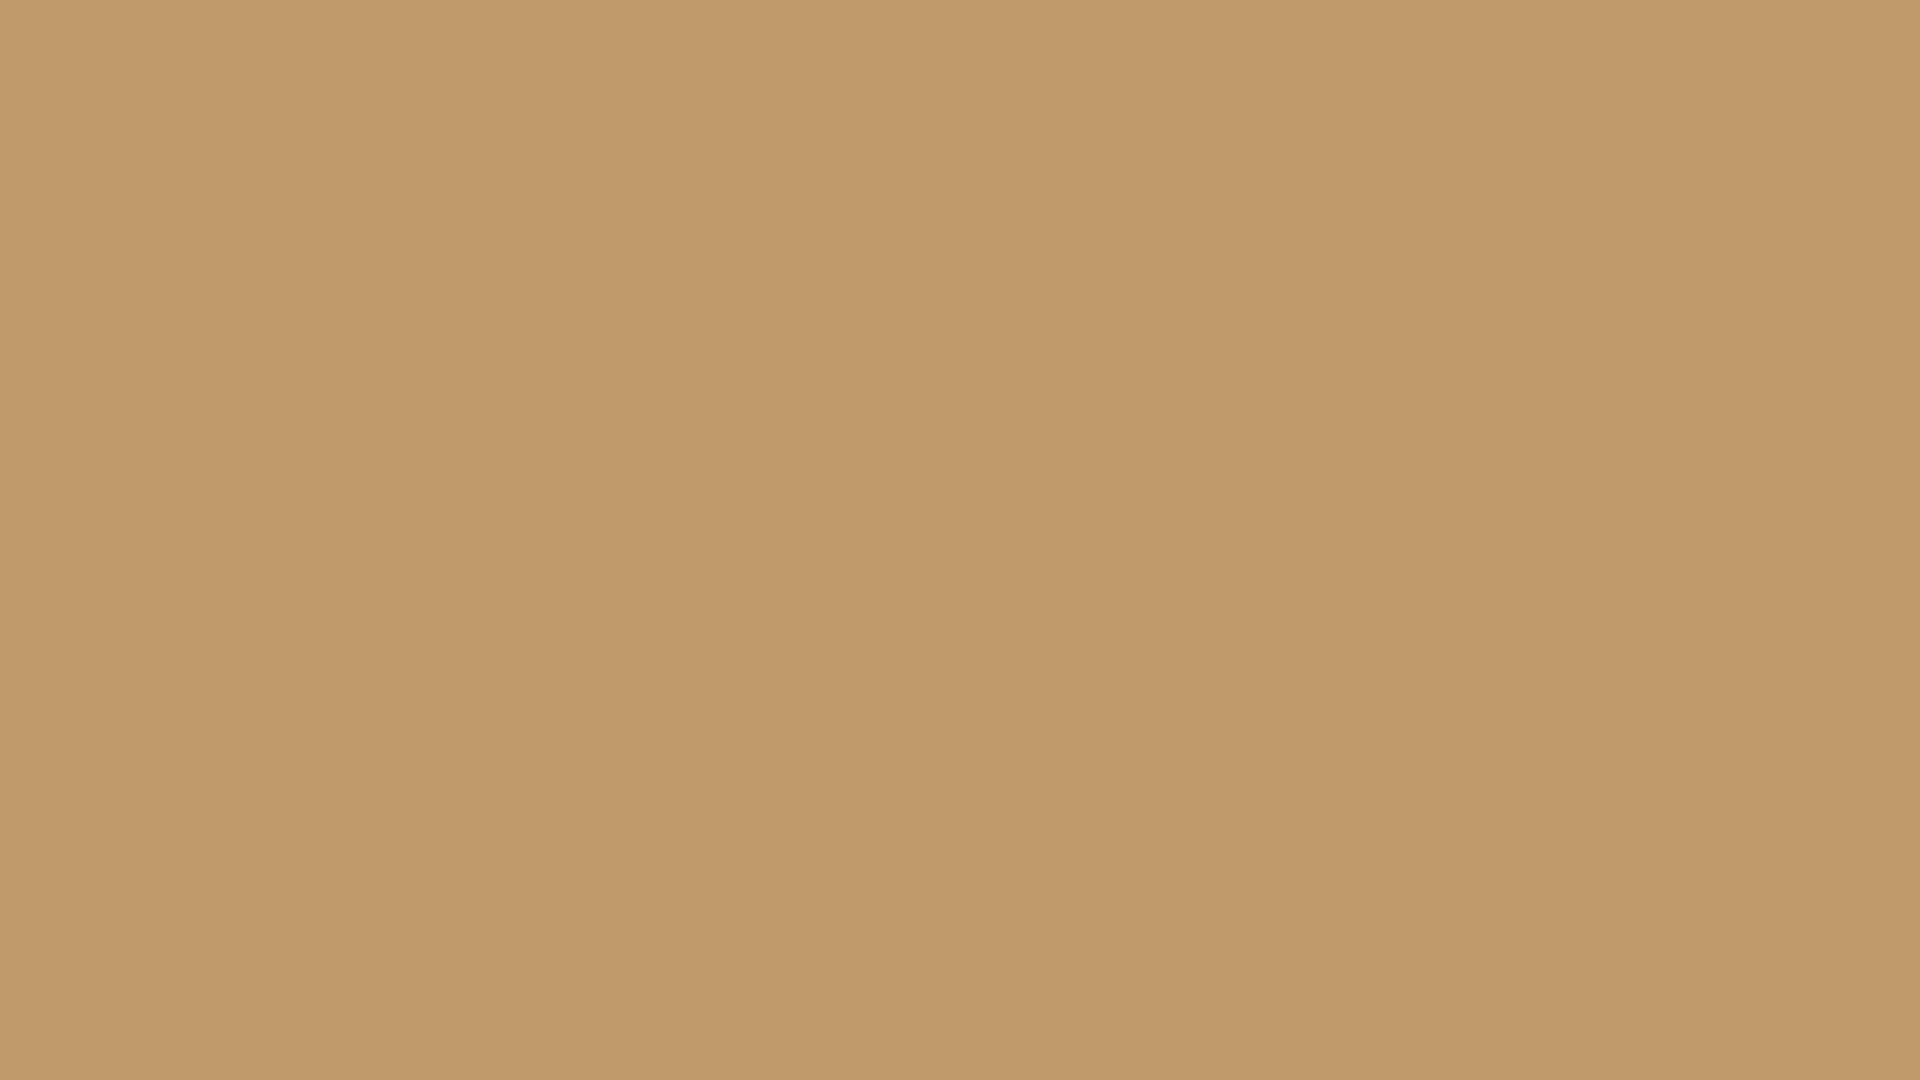 1920x1080 camel solid color background. Black Bedroom Furniture Sets. Home Design Ideas